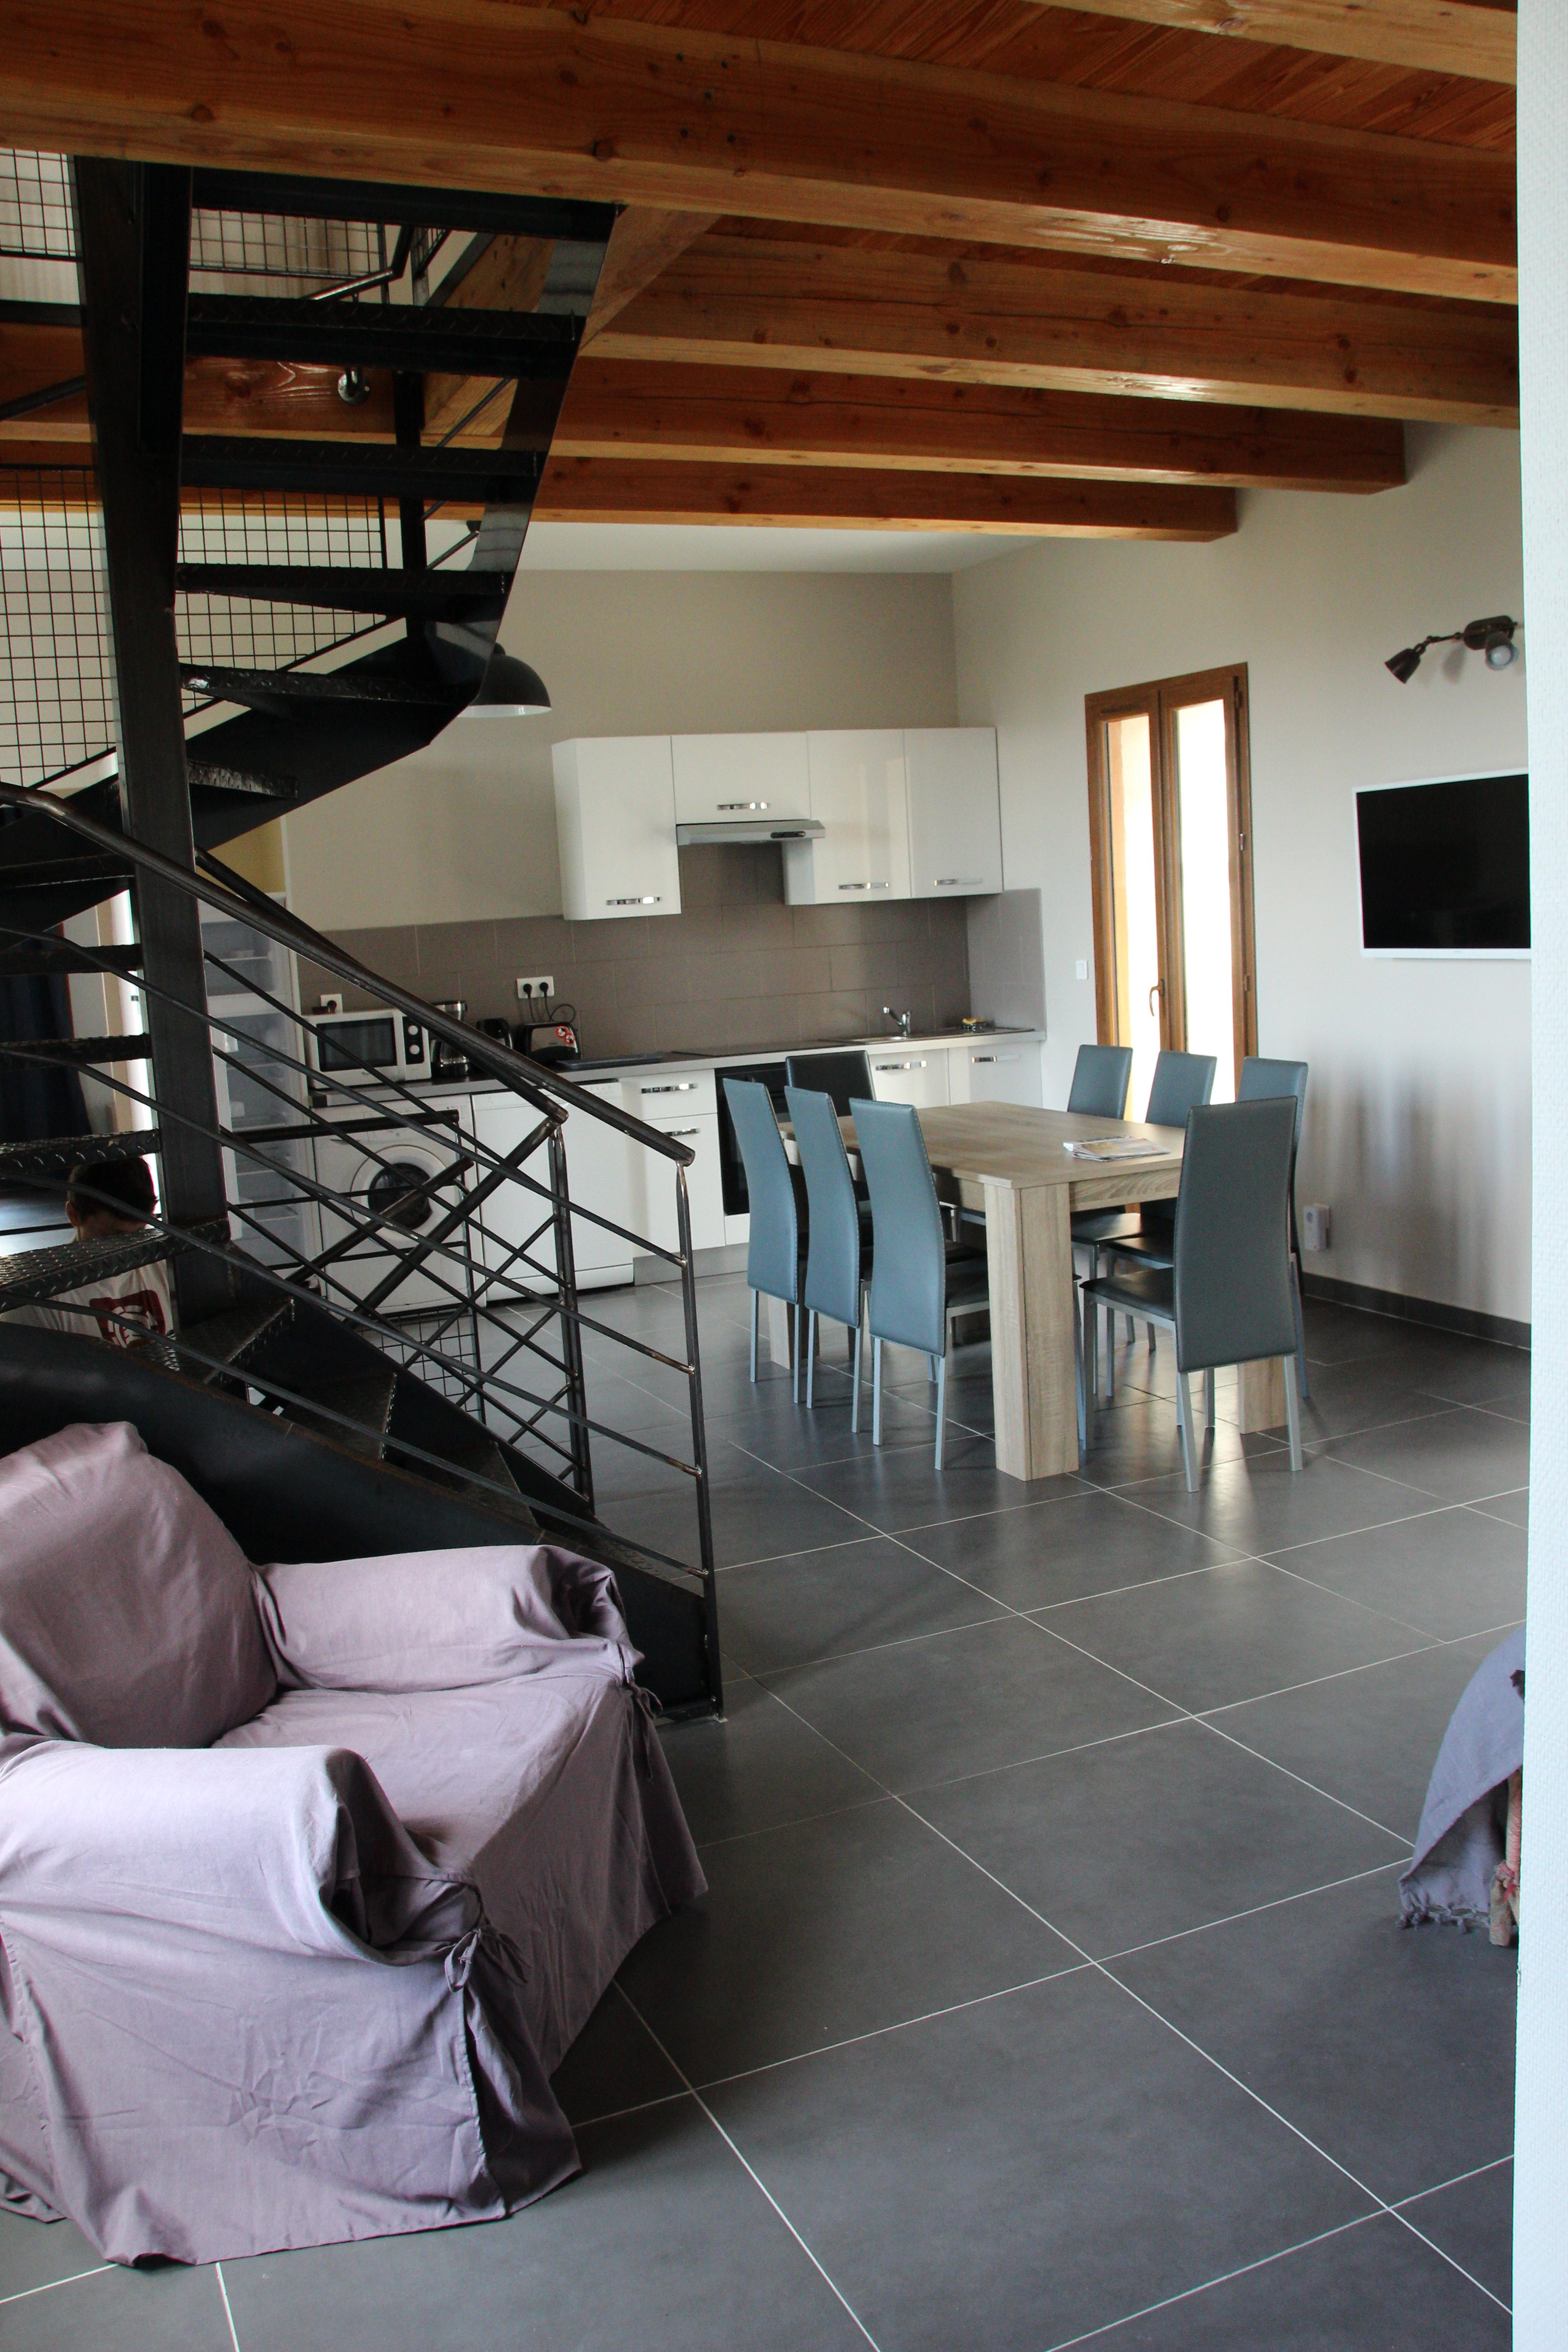 Gîtes à Privas en Ardèche Buissonnière. : Domaine de Chabanet - Gîte Celou